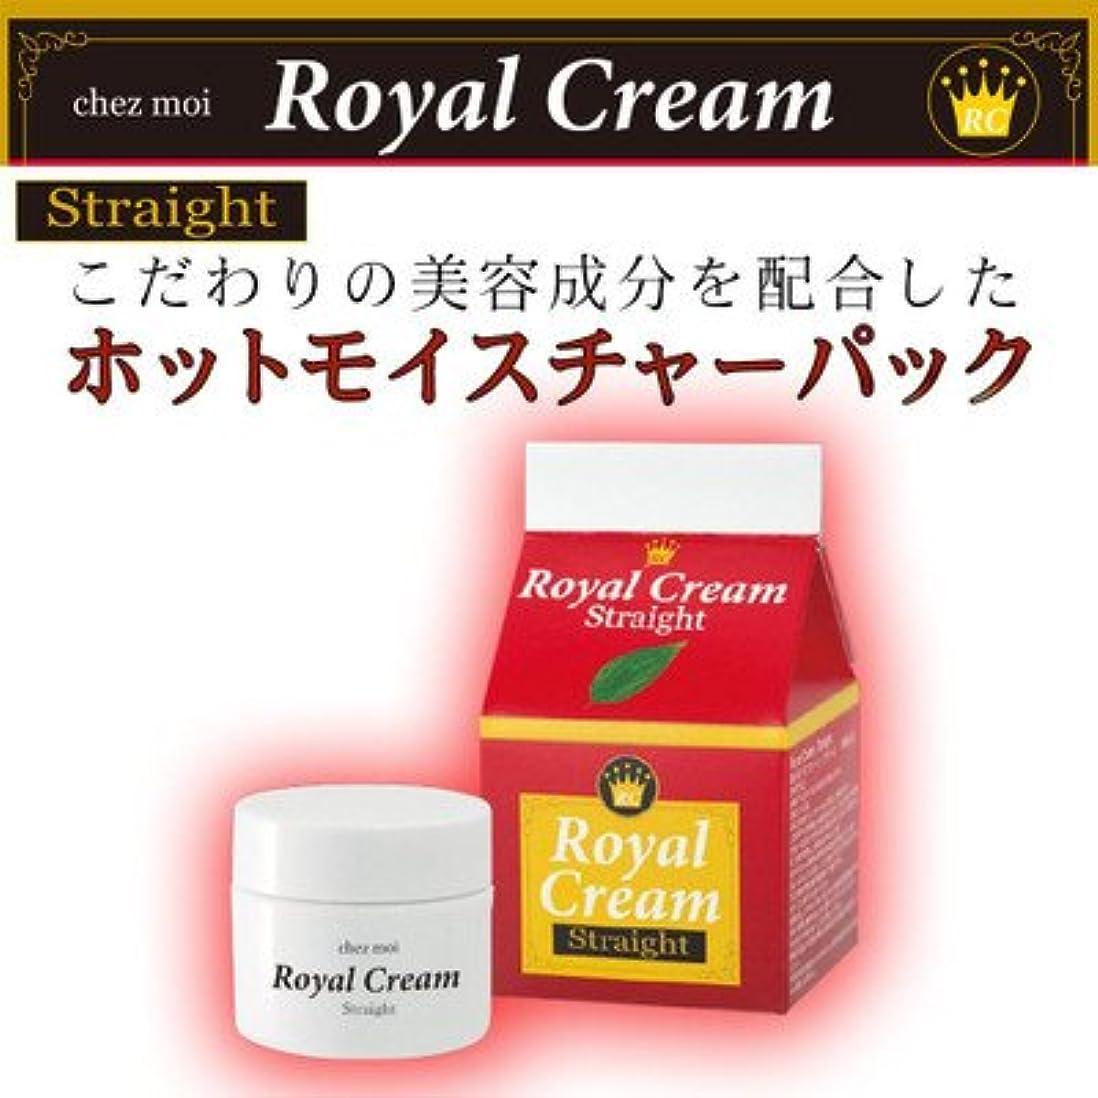 スペイン説教する発言する99%以上植物由来美容成分配合の 温感保湿パック Royal Cream ロイヤルクリーム Straight ストレート モイスチャーパック 30g